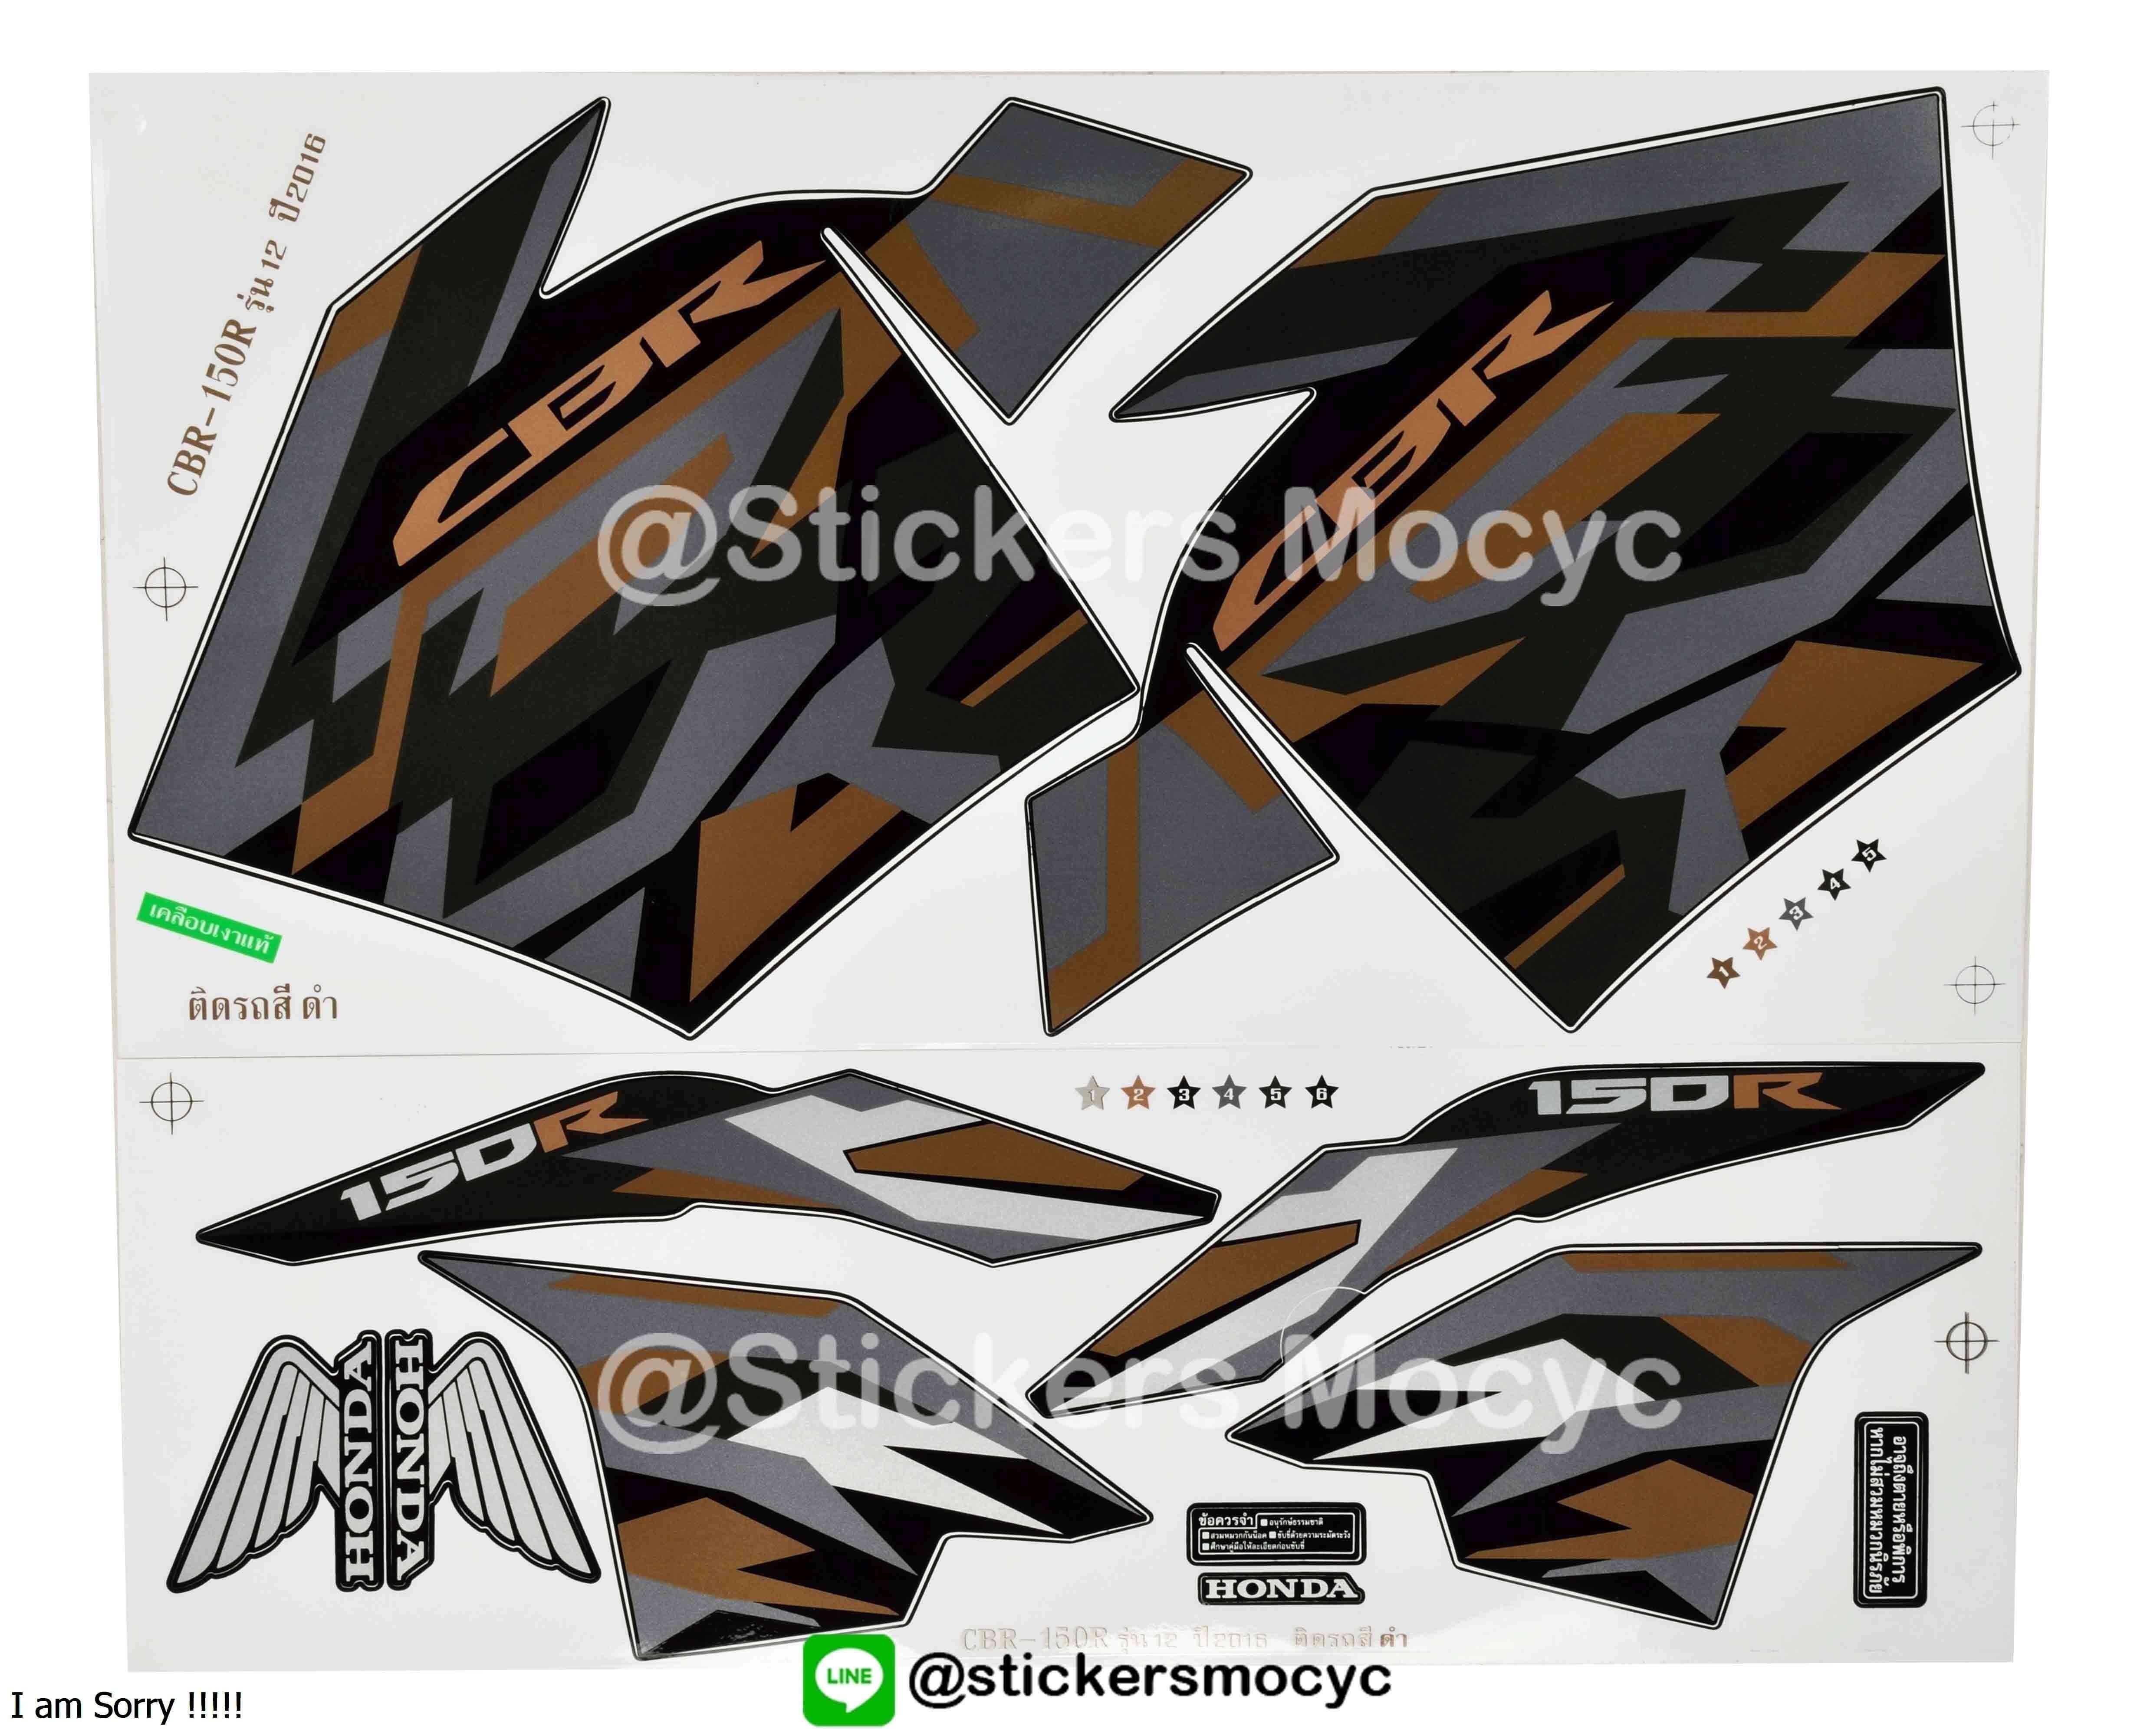 สติ๊กเกอร์ cbr150 Sticker ฮอนด้า ซีบีอาร์ 150 ปี 2016 รุ่น 12 ติดรถ สีดำ (เคลือบเงาแท้)